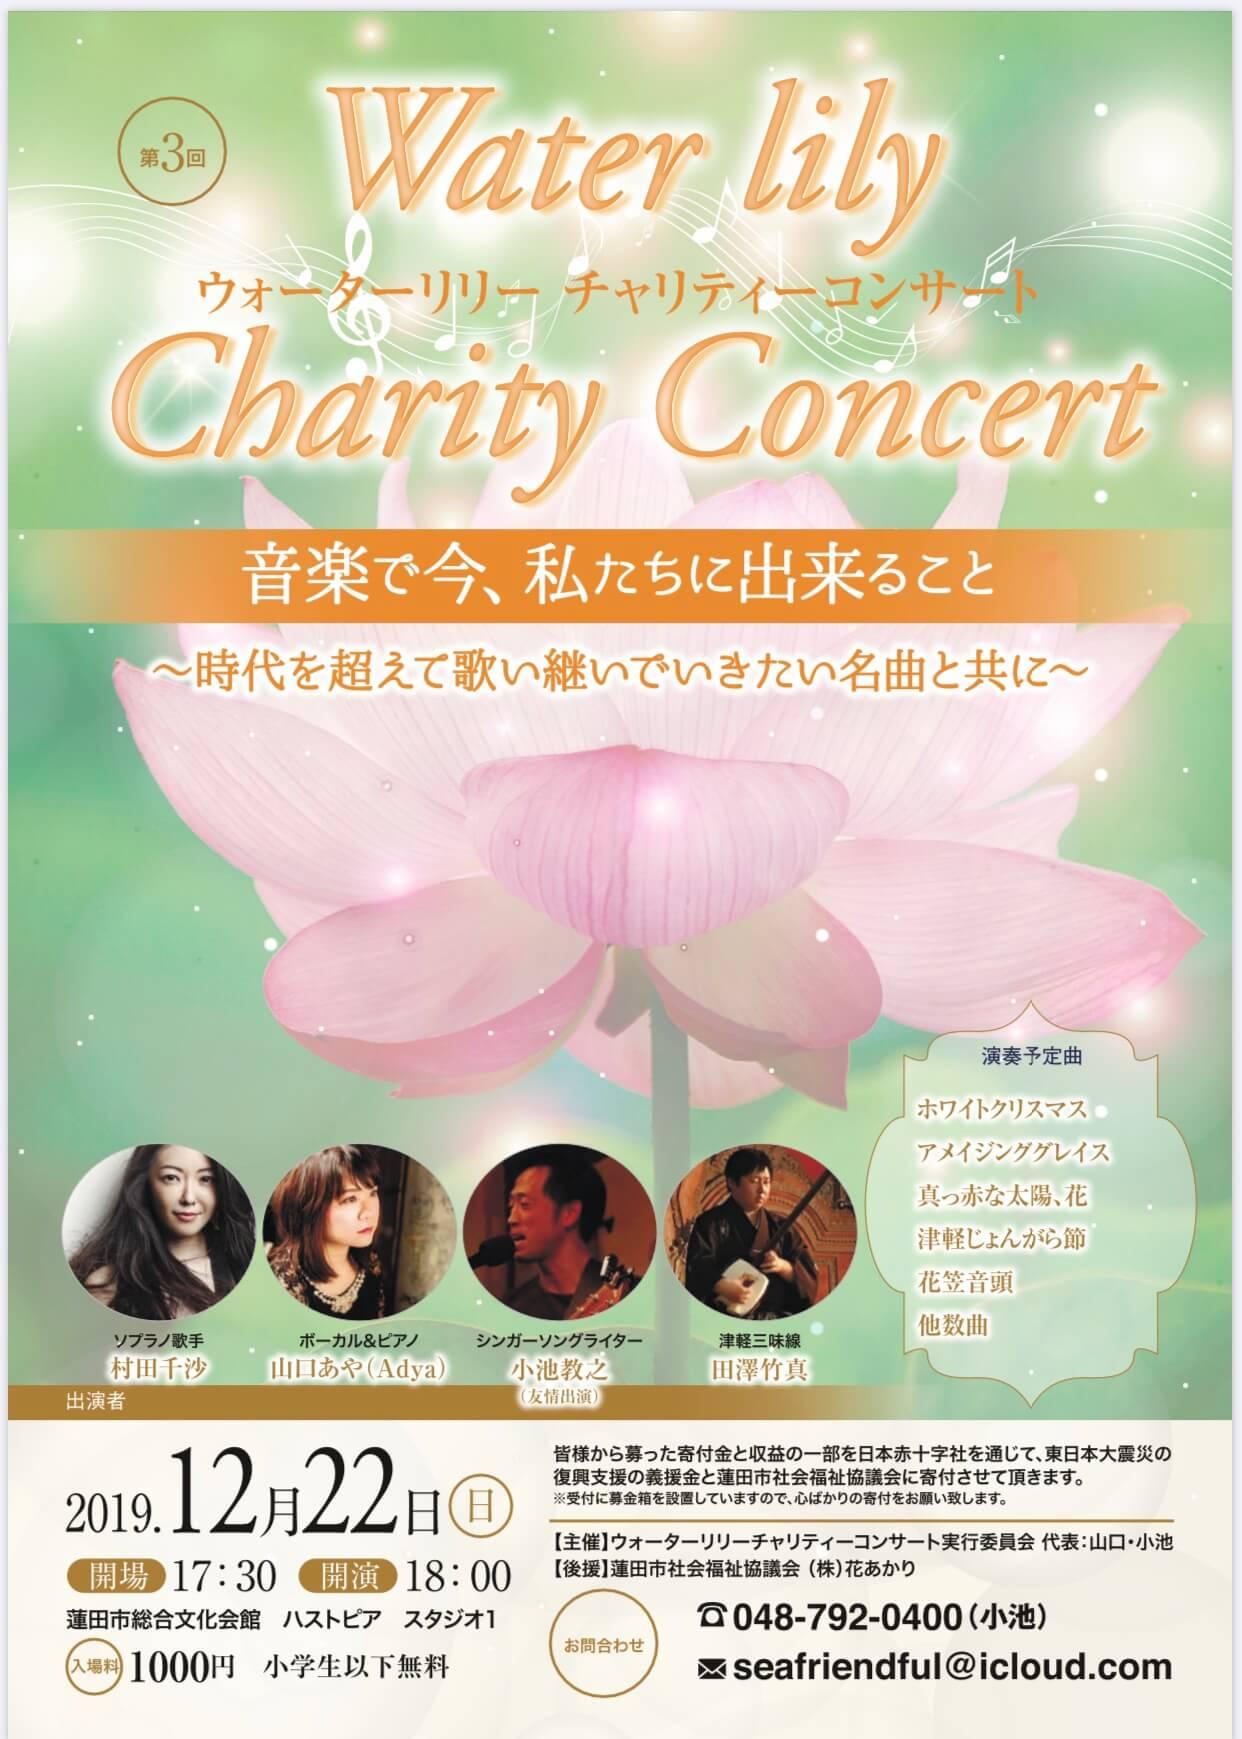 2019/12/22 蓮田市ウォーターリリーcharity concert☆